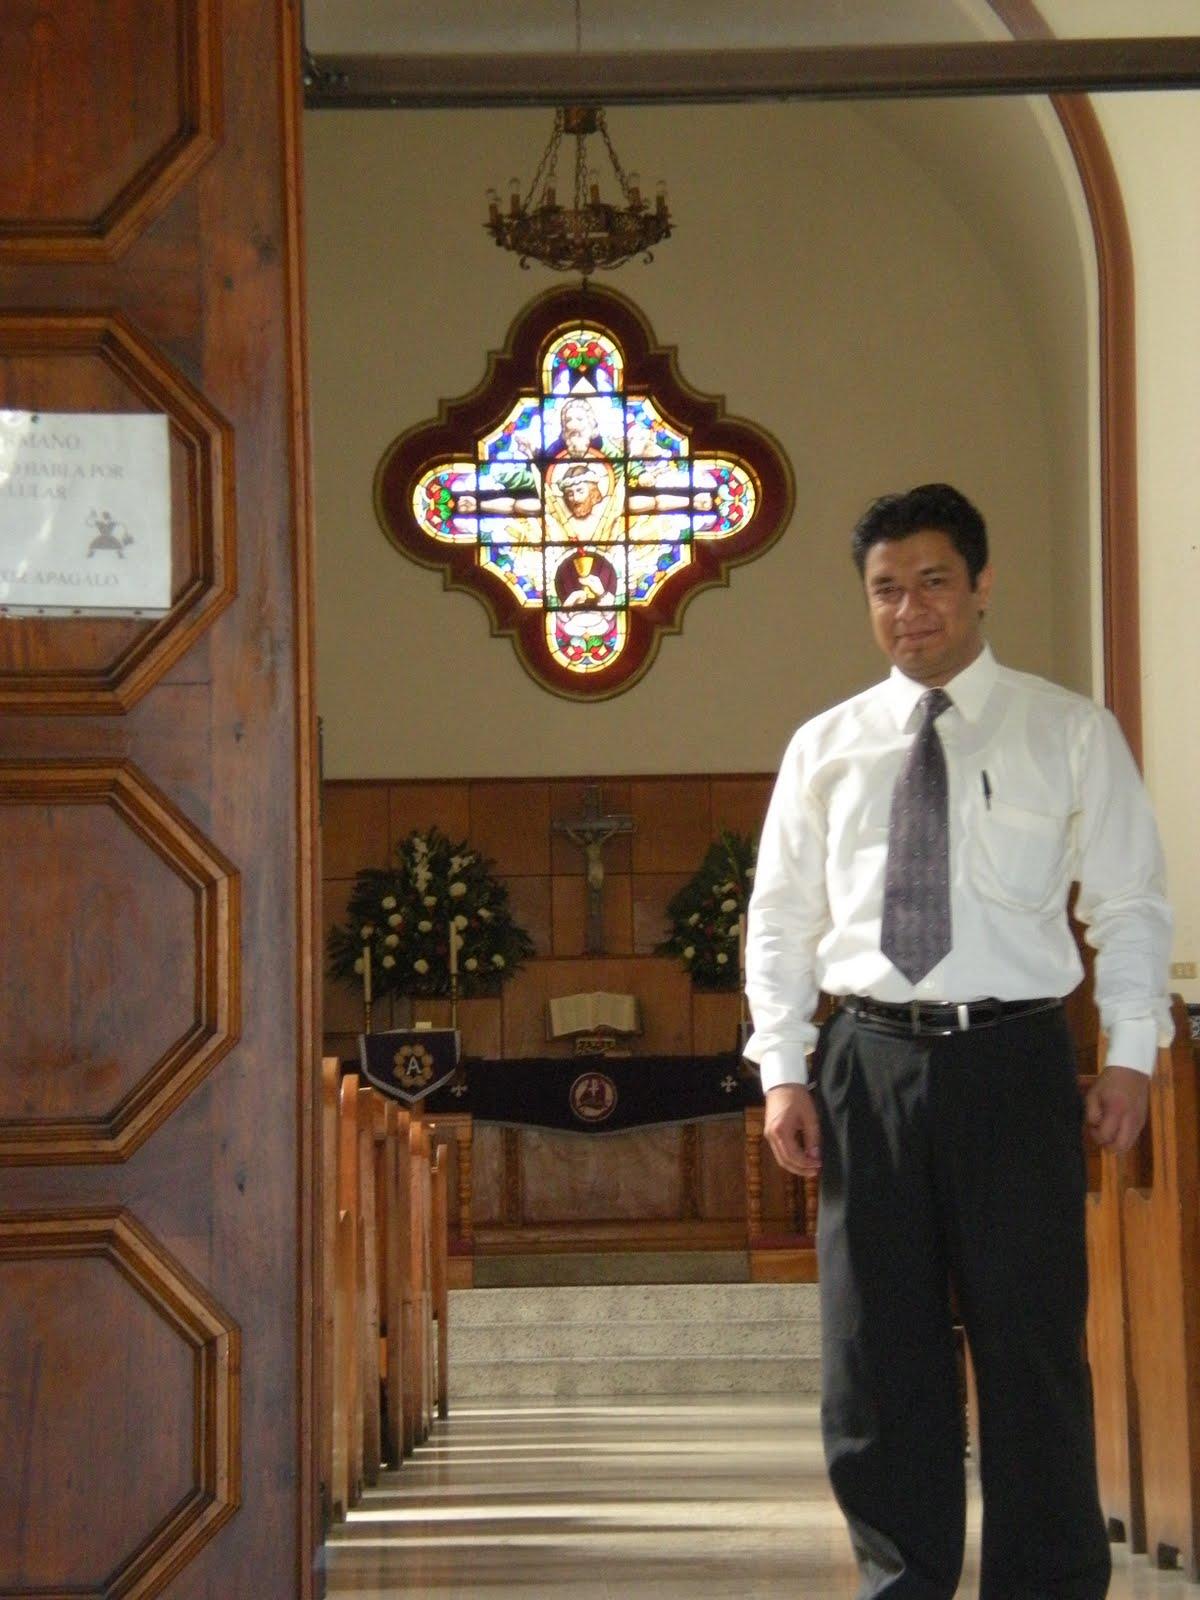 http://3.bp.blogspot.com/_j6cY2Lm3GIs/TFwoNqIW3GI/AAAAAAAACCU/KYrzcq8uFHM/s1600/DSCN0666.JPG